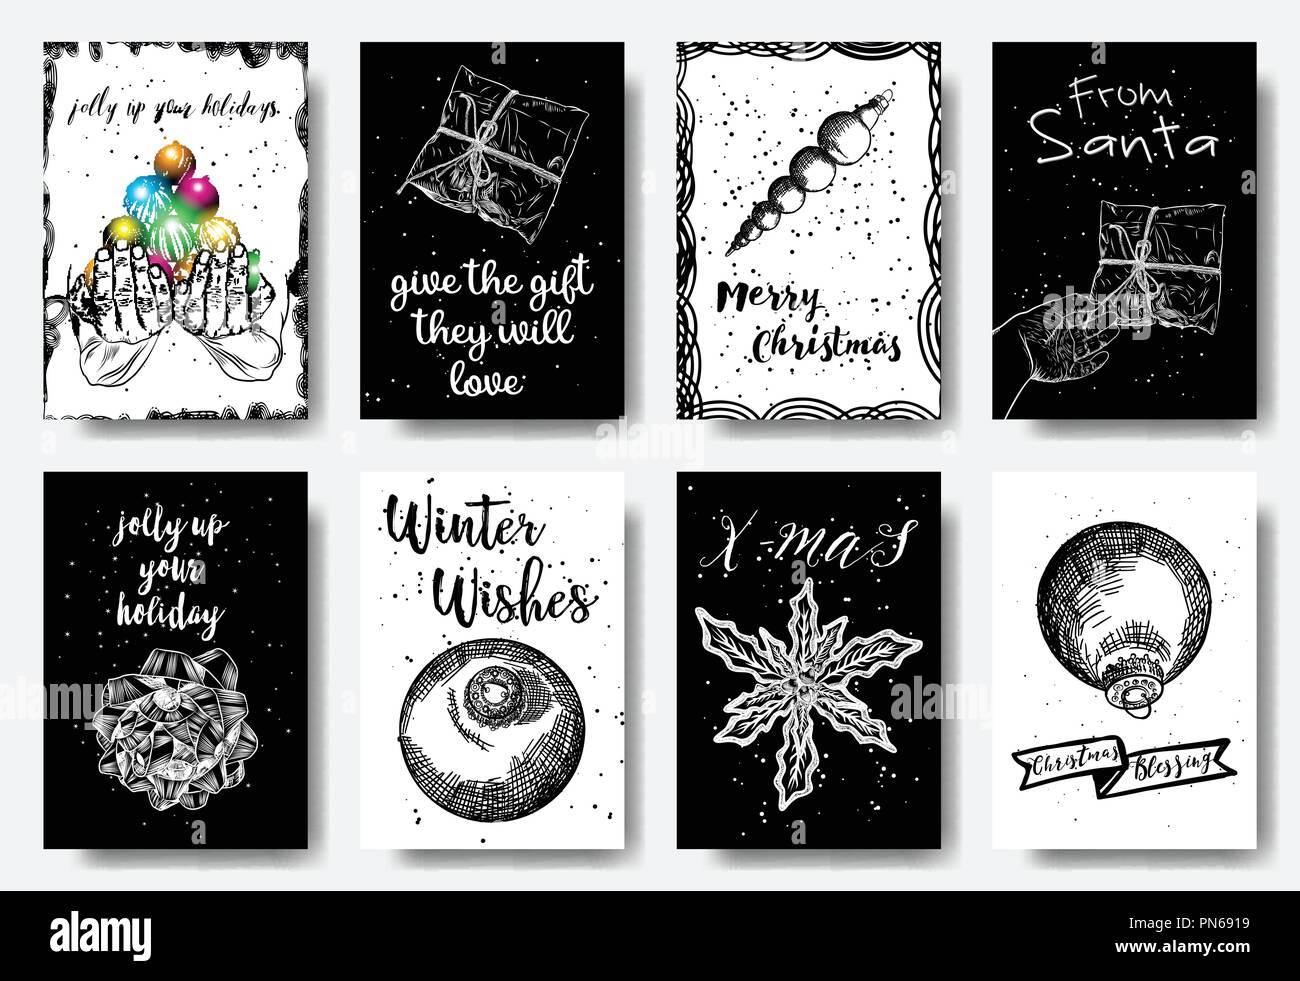 https www alamyimages fr carte de voeux de noel ensemble noir blanc et couleurs la main de decoration illustration pour l hiver les invitations cartes affiches etiquettes cadeaux et de prospectus image219570997 html